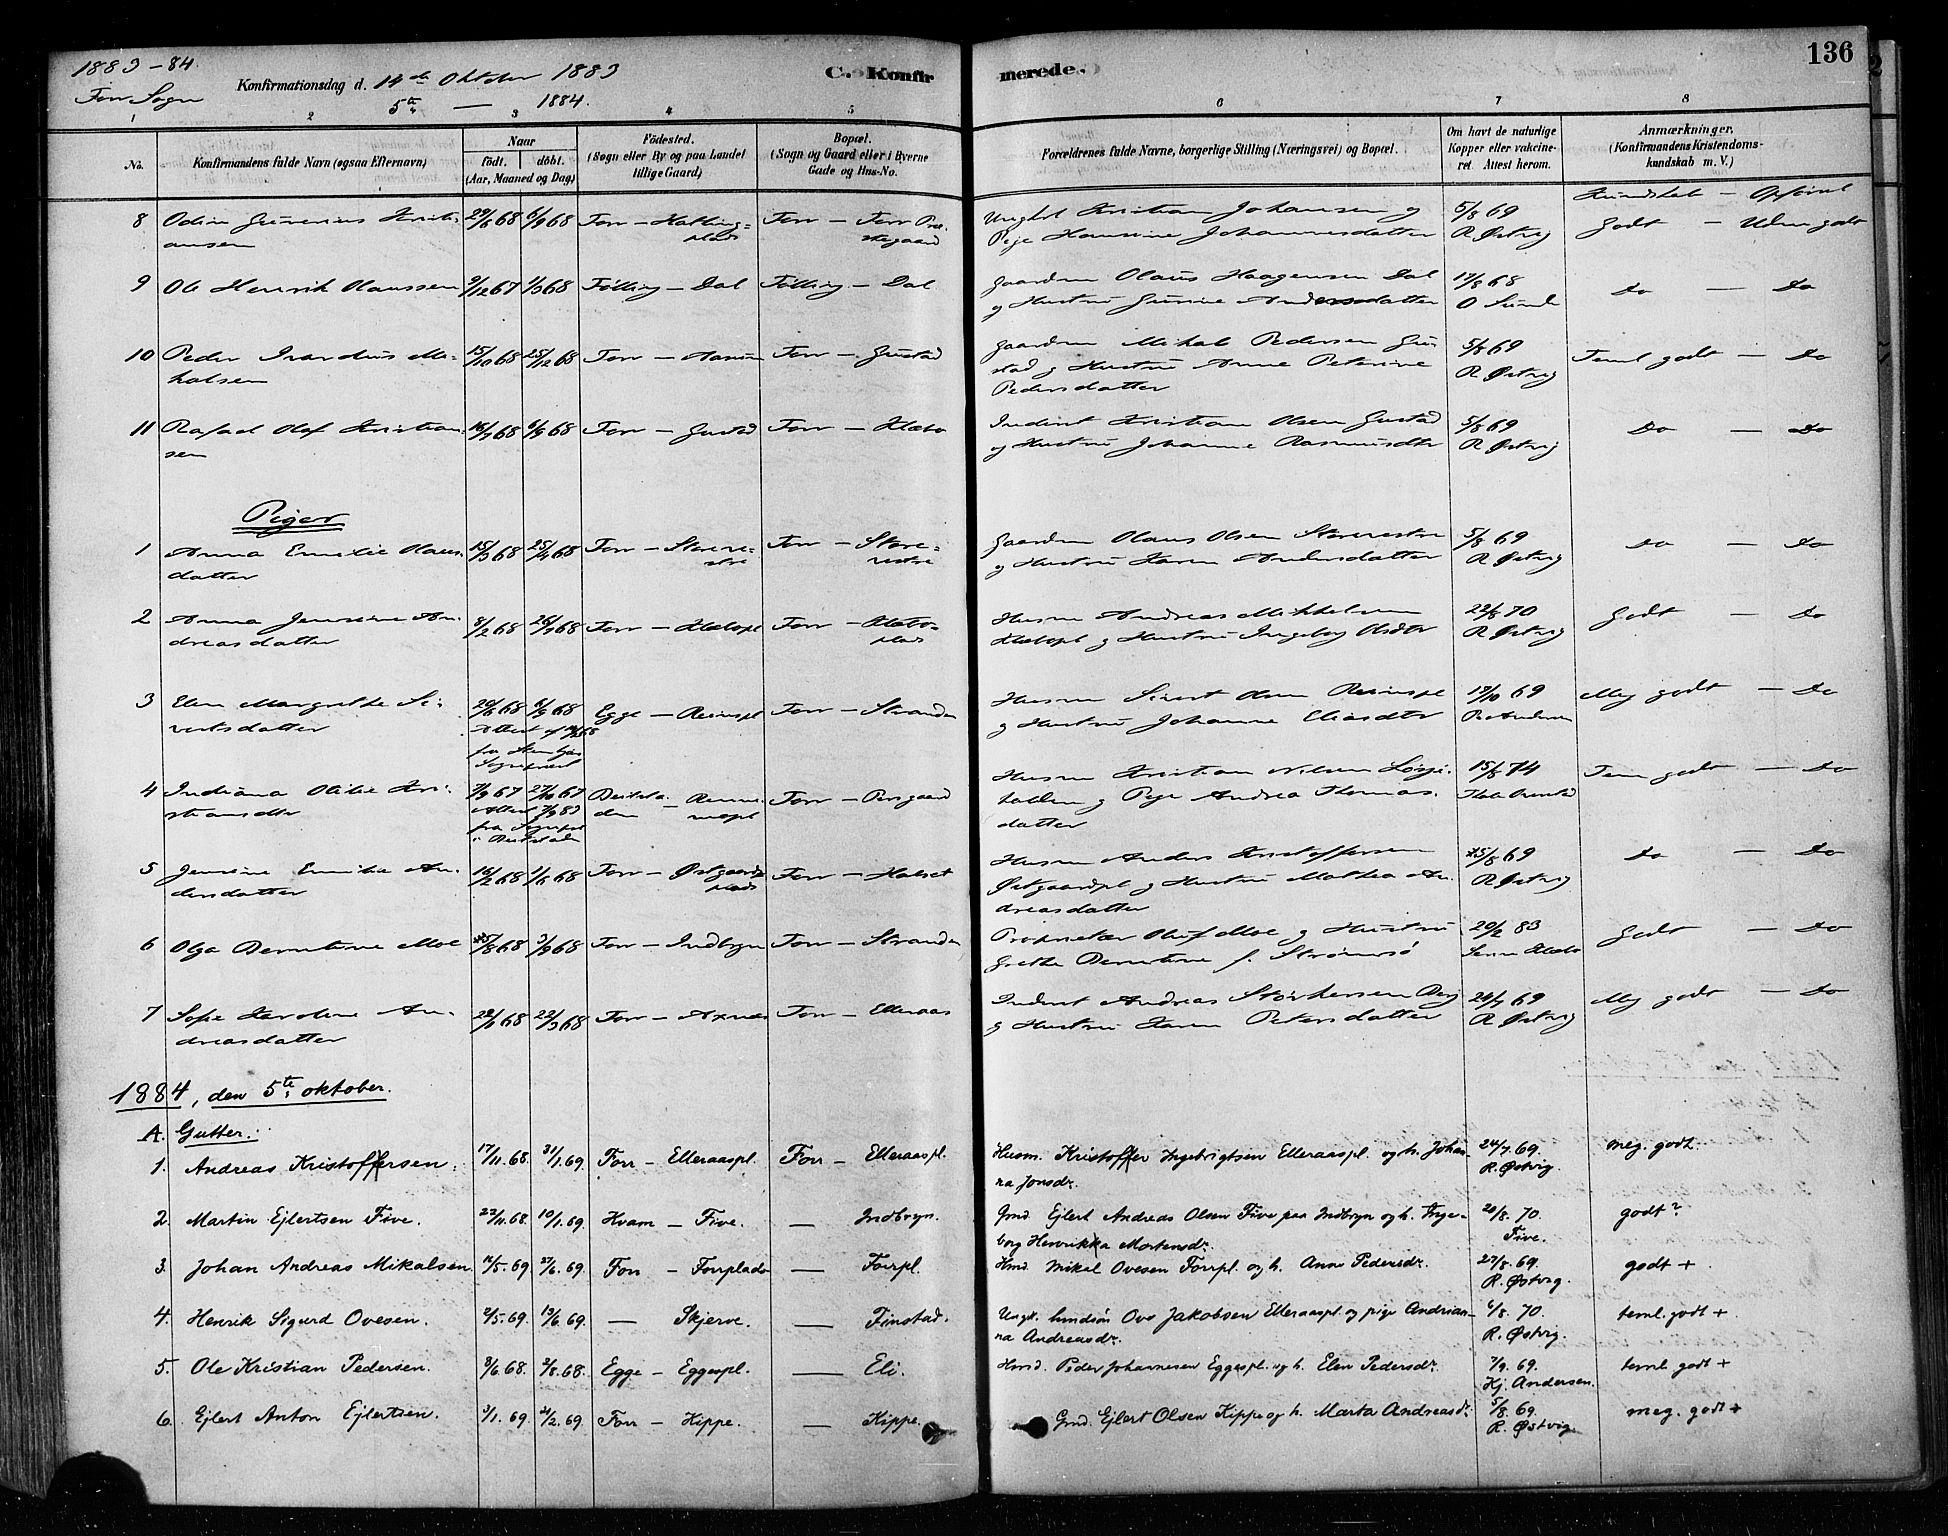 SAT, Ministerialprotokoller, klokkerbøker og fødselsregistre - Nord-Trøndelag, 746/L0448: Ministerialbok nr. 746A07 /1, 1878-1900, s. 136